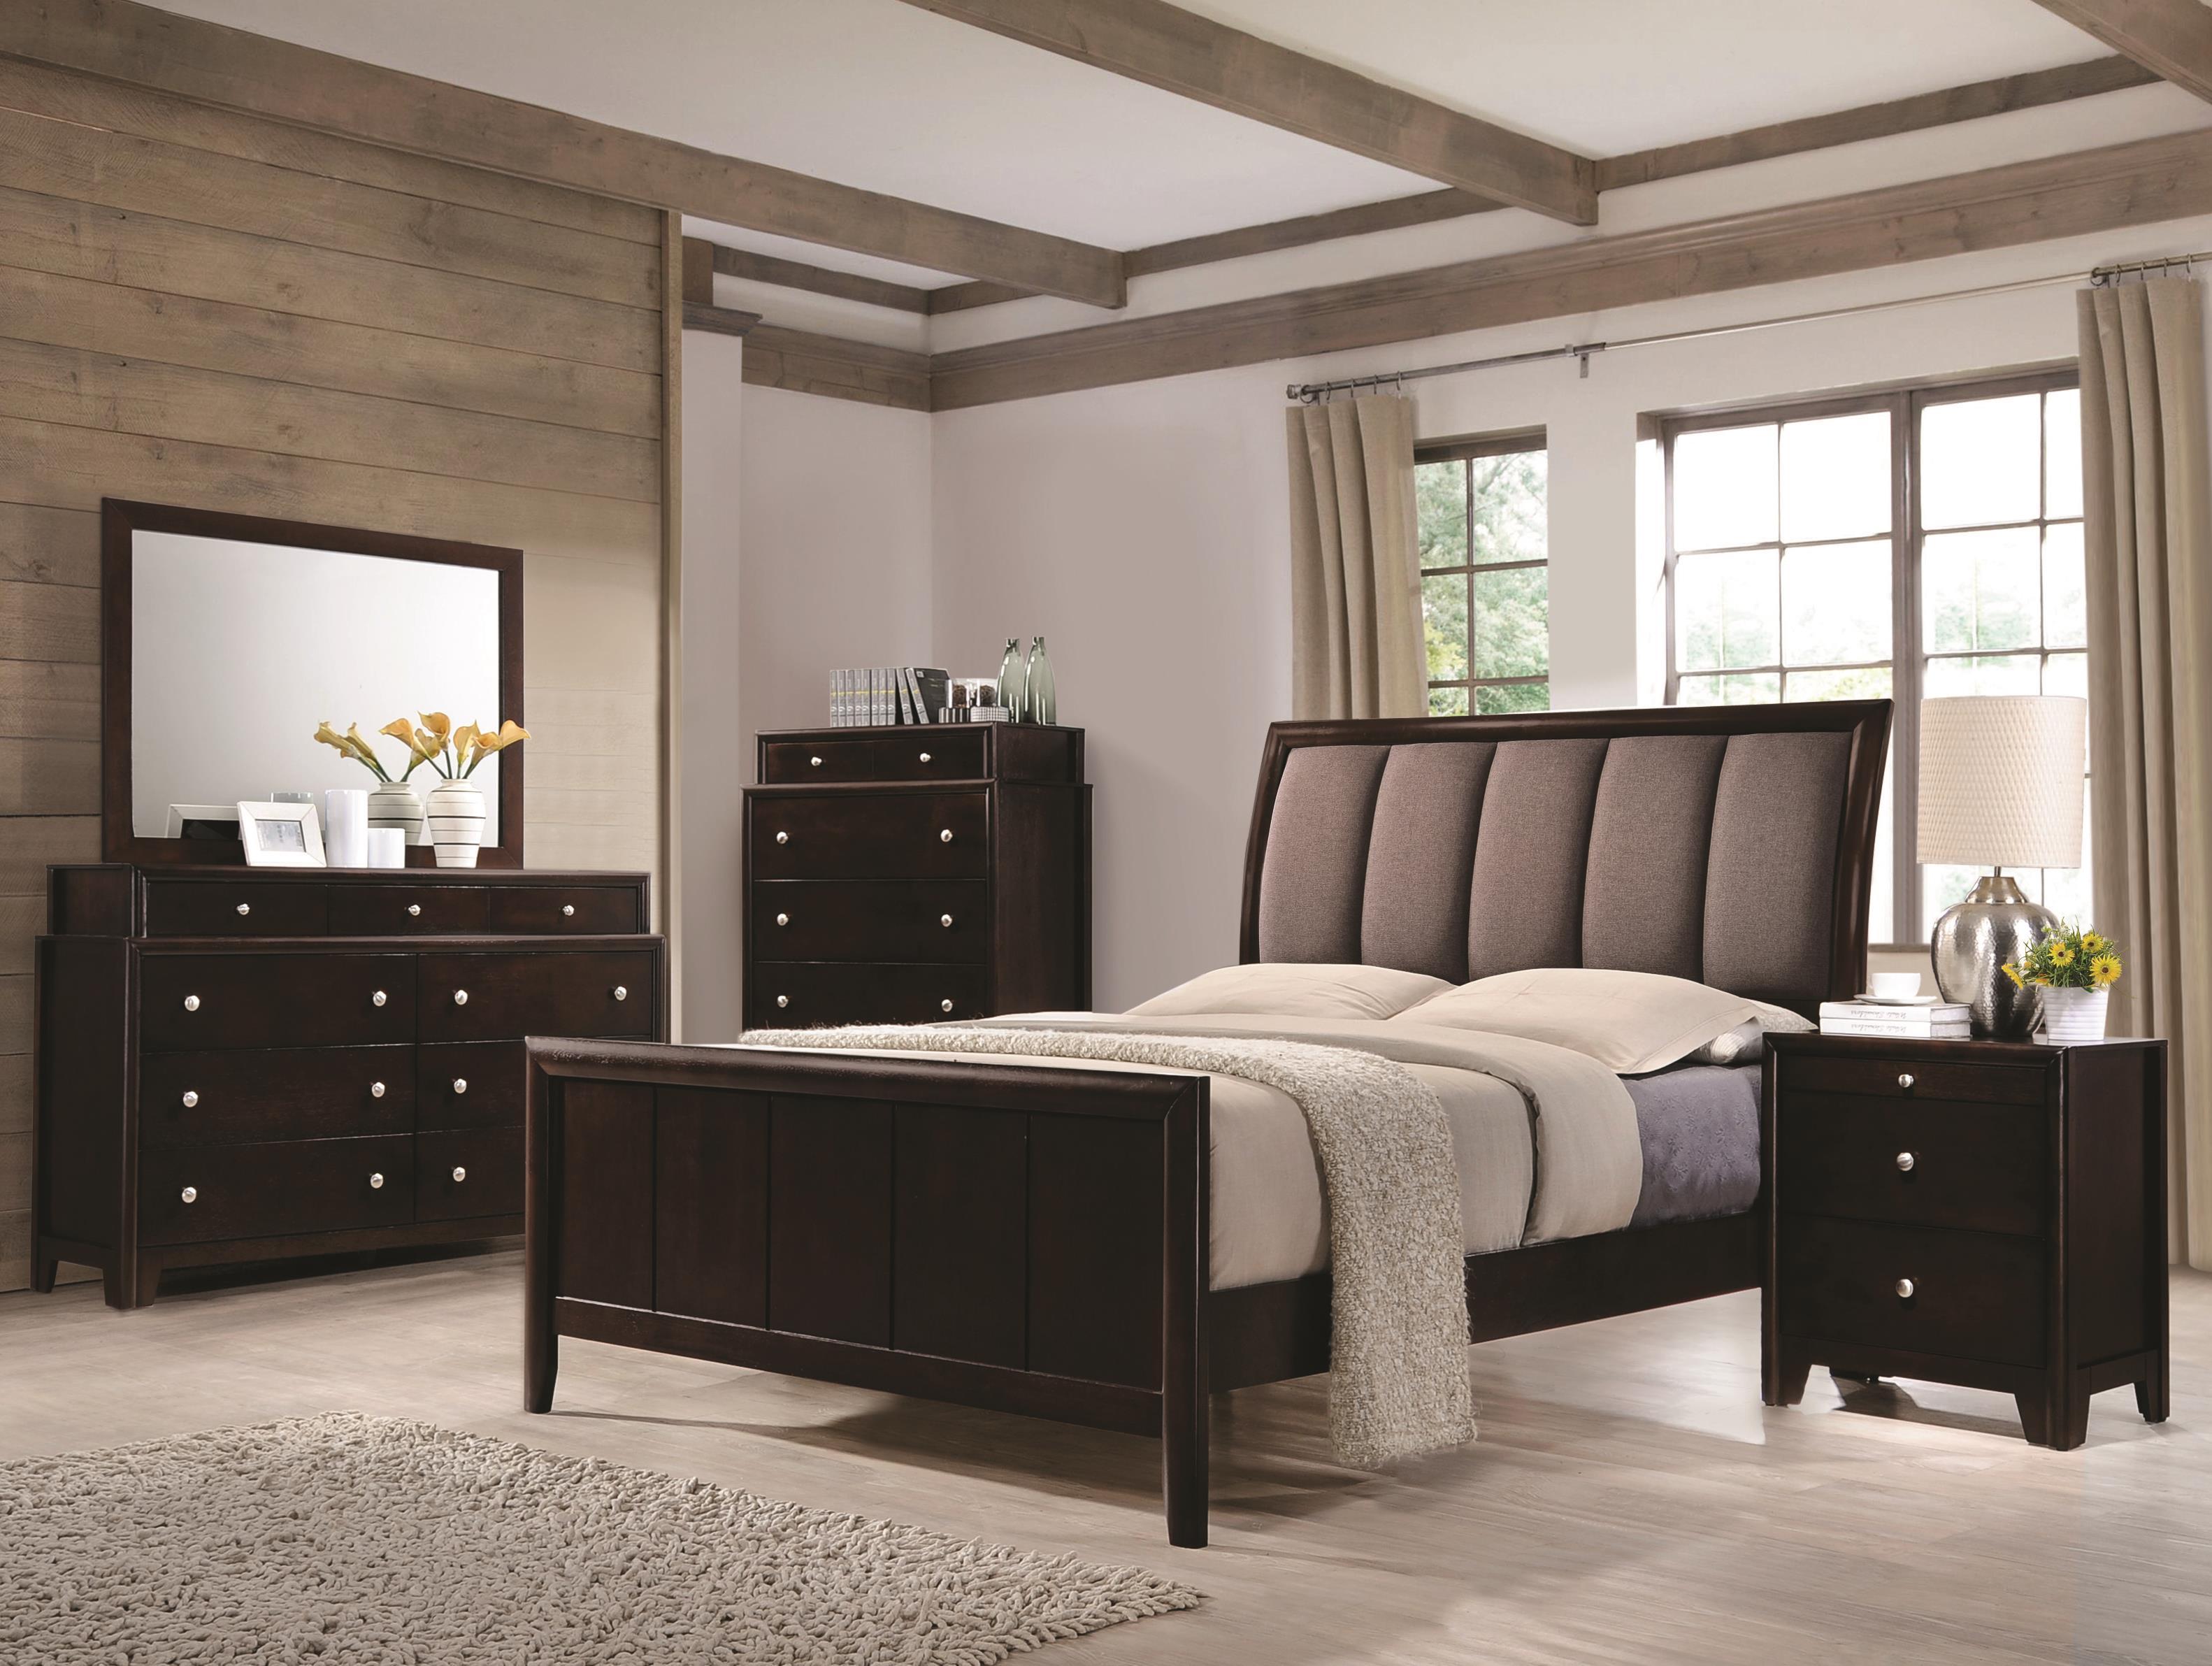 Coaster Madison King Bedroom Group - Item Number: 20488 K Bedroom Group